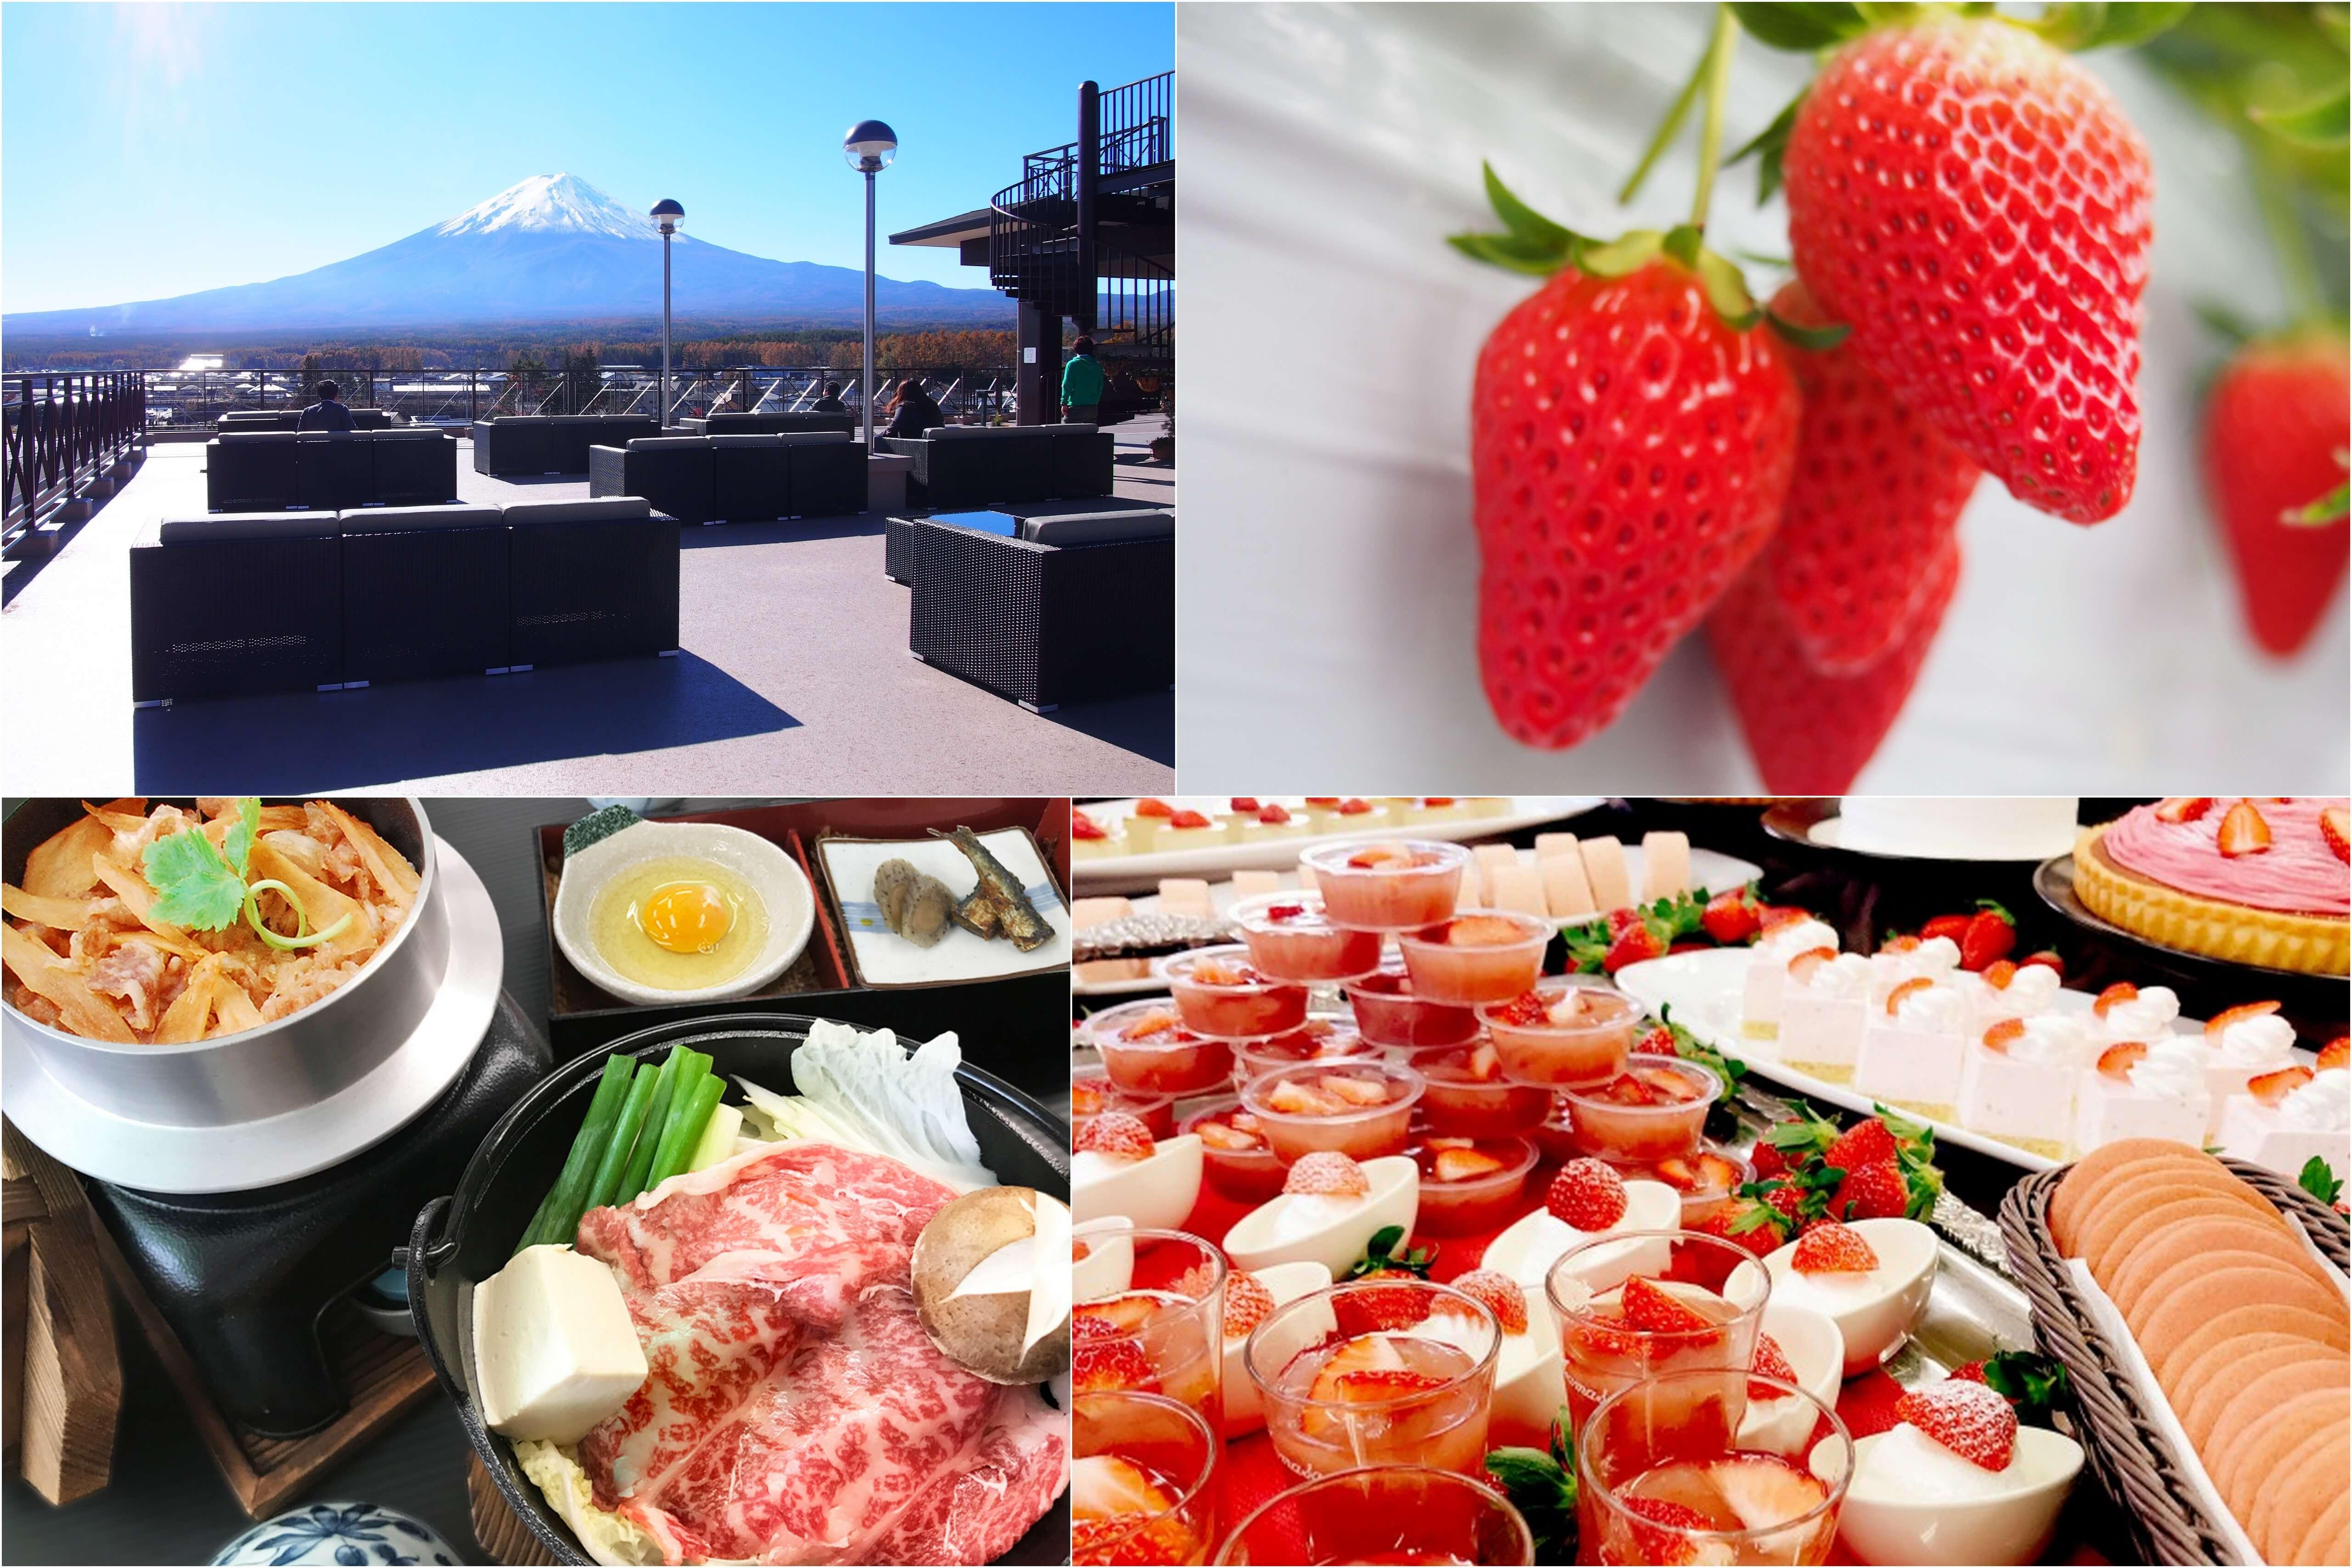 やまなしキュンです! 旬のフルーツいちご狩りにキュンなスポット♪世界遺産富士山の絶景を眺める「ふじさんデッキ」&忍野八海散策♪